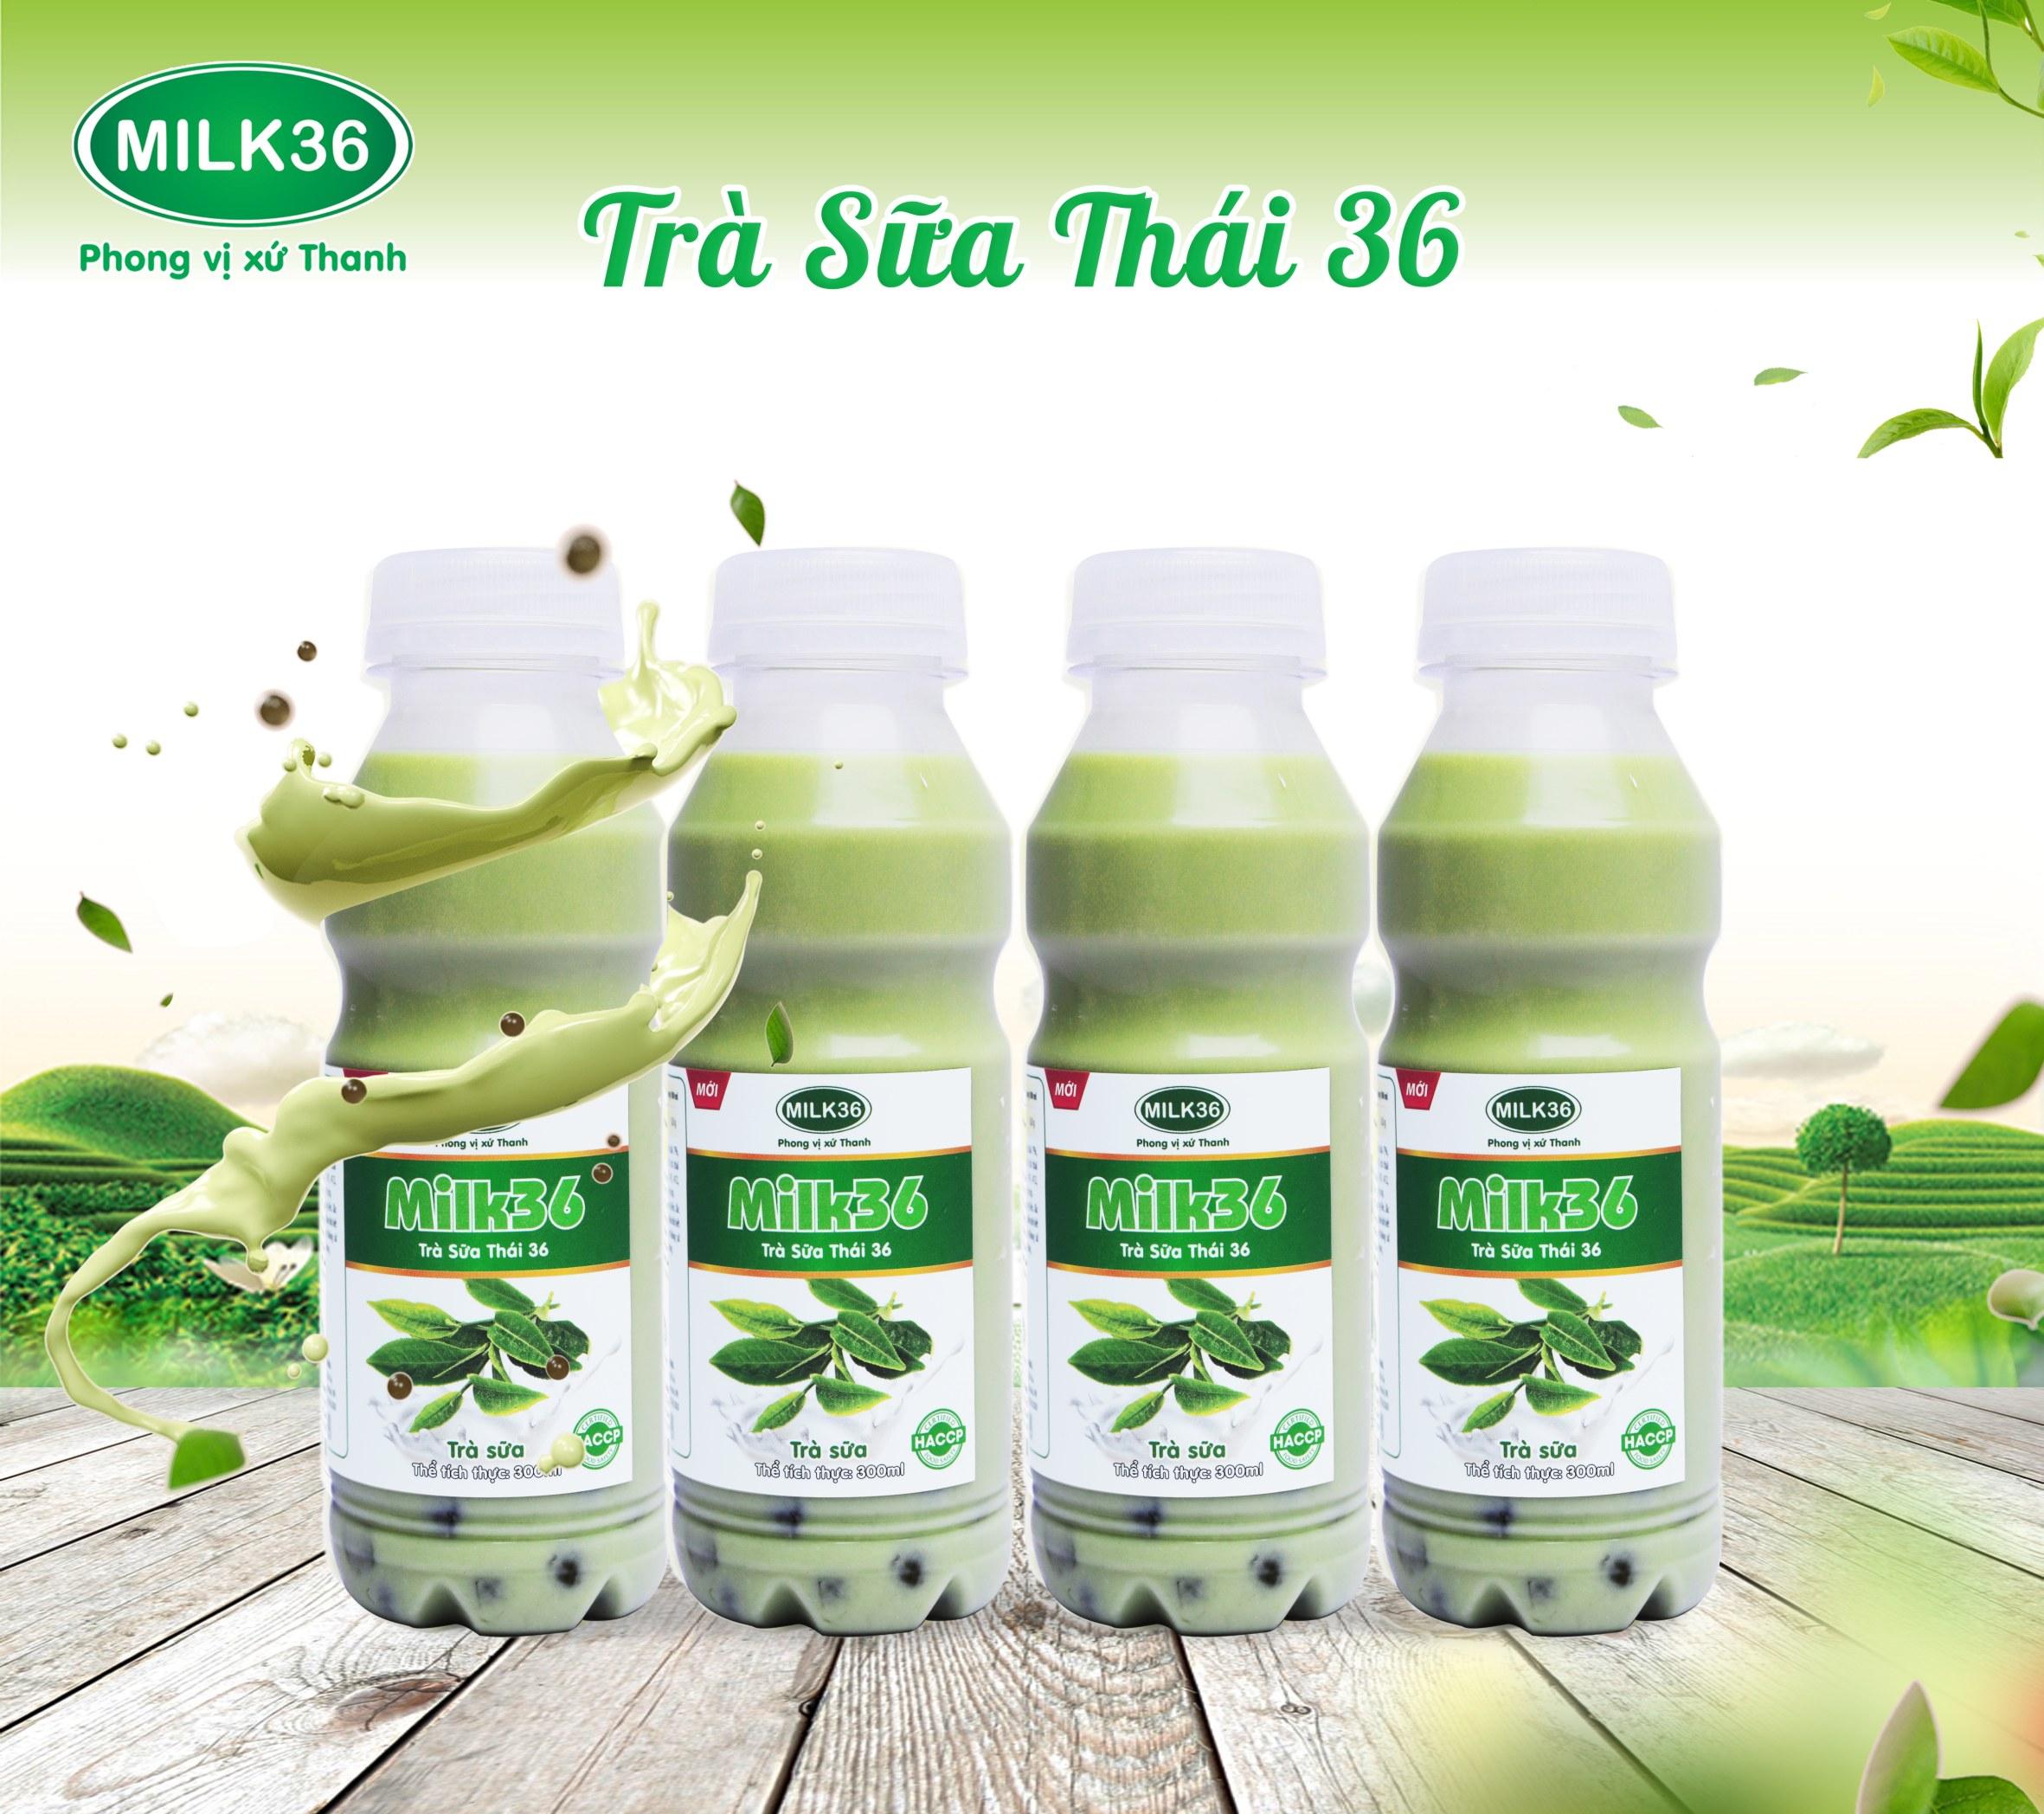 Trà Sữa Thái 36 mới